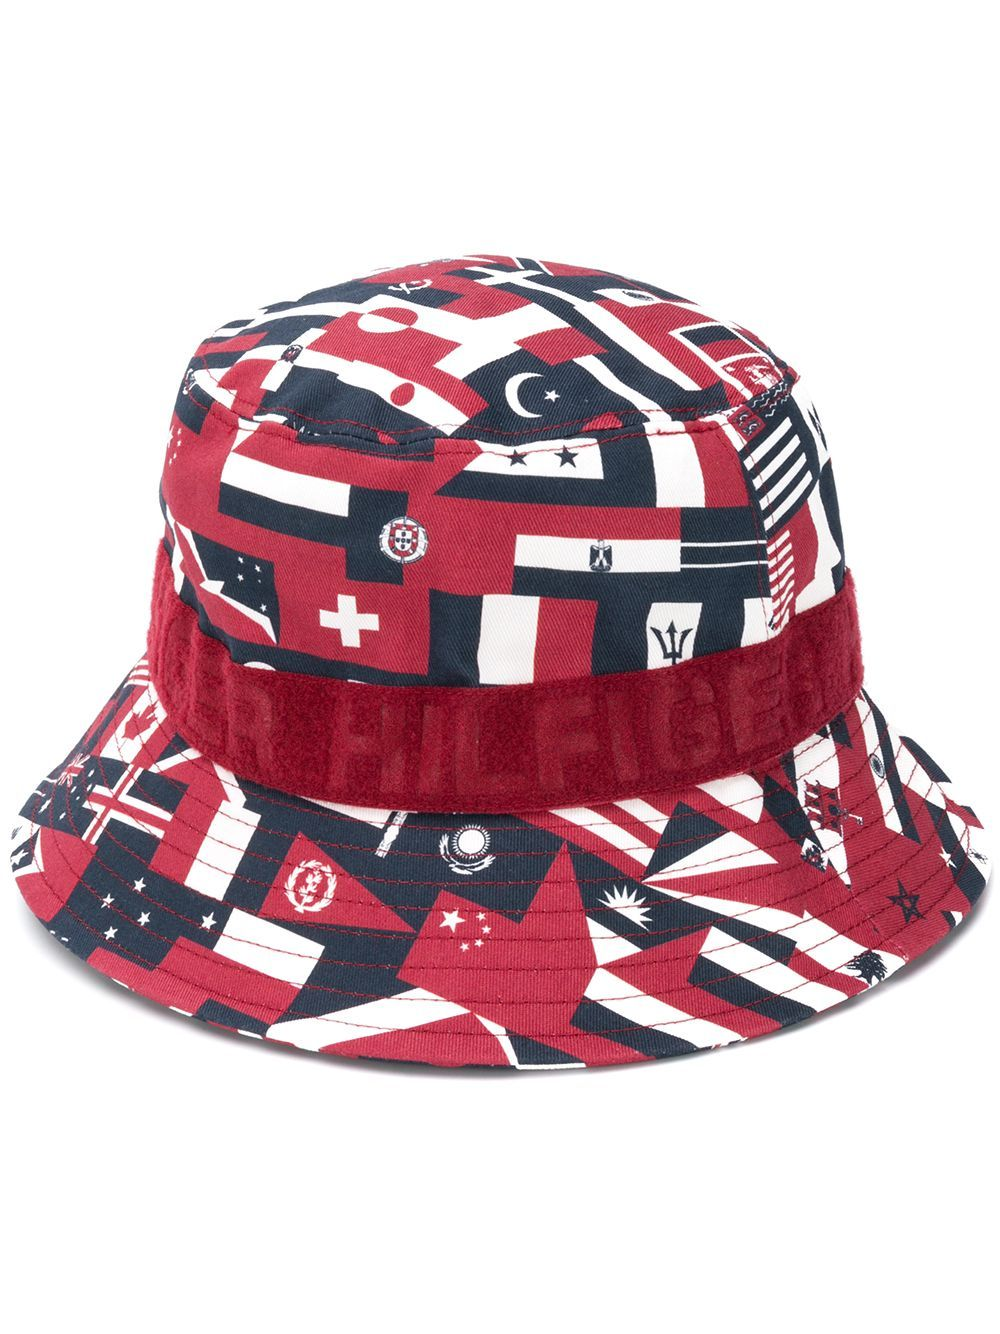 Tommy Hilfiger Mens Flag Bucket Hat Bomber